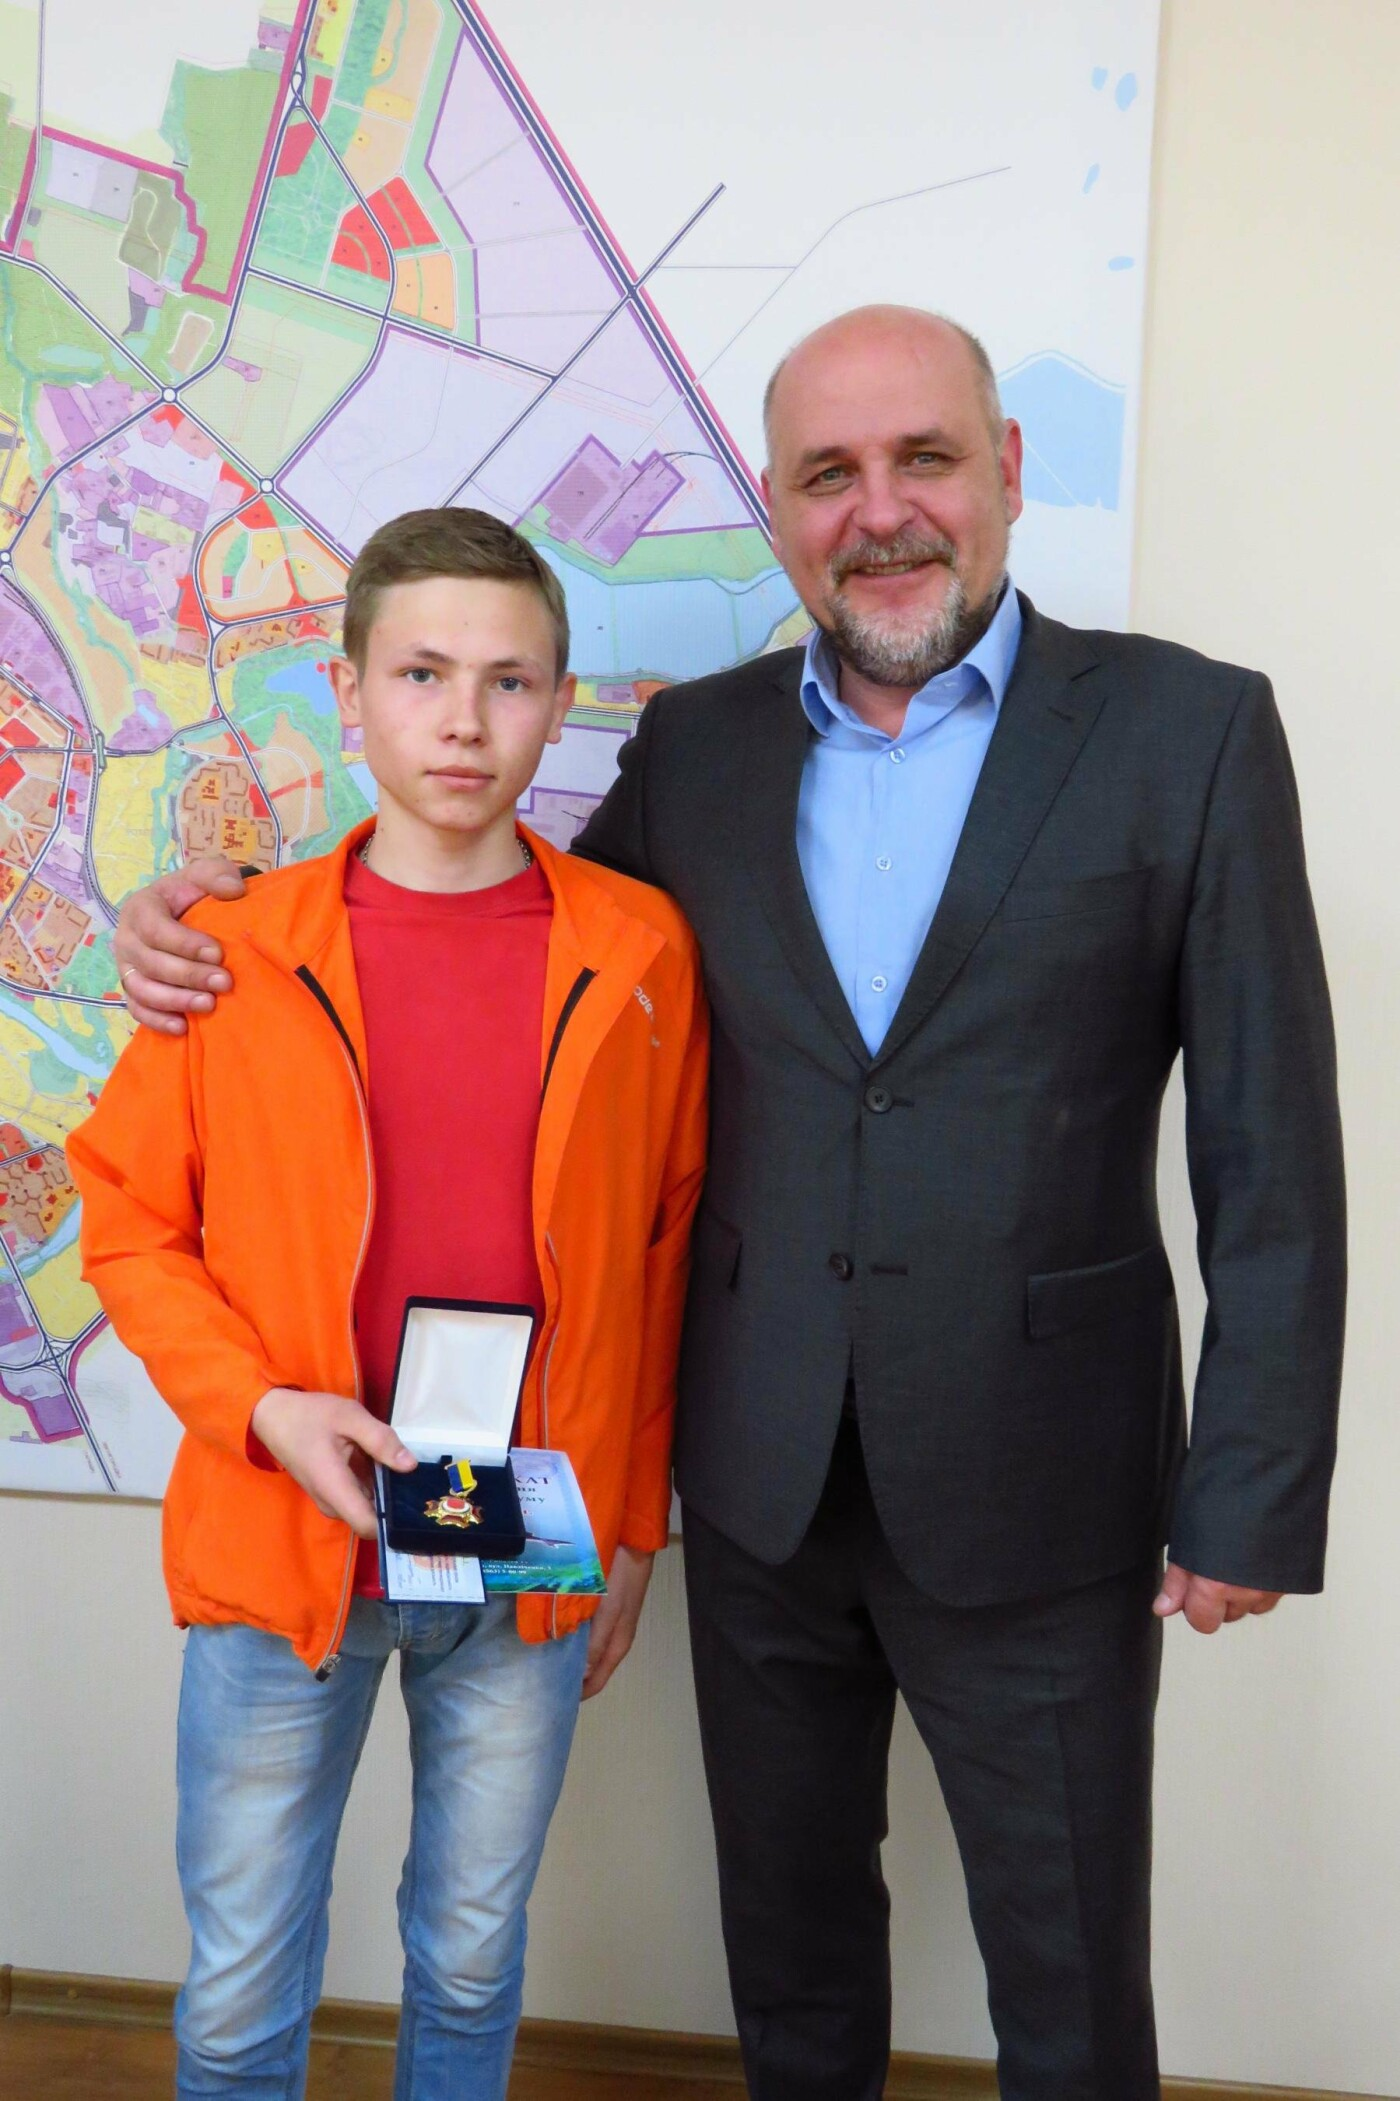 Юного героя Іллю Махаринця, який врятував двох дітей з-під криги, нагородили відзнакою міського голови